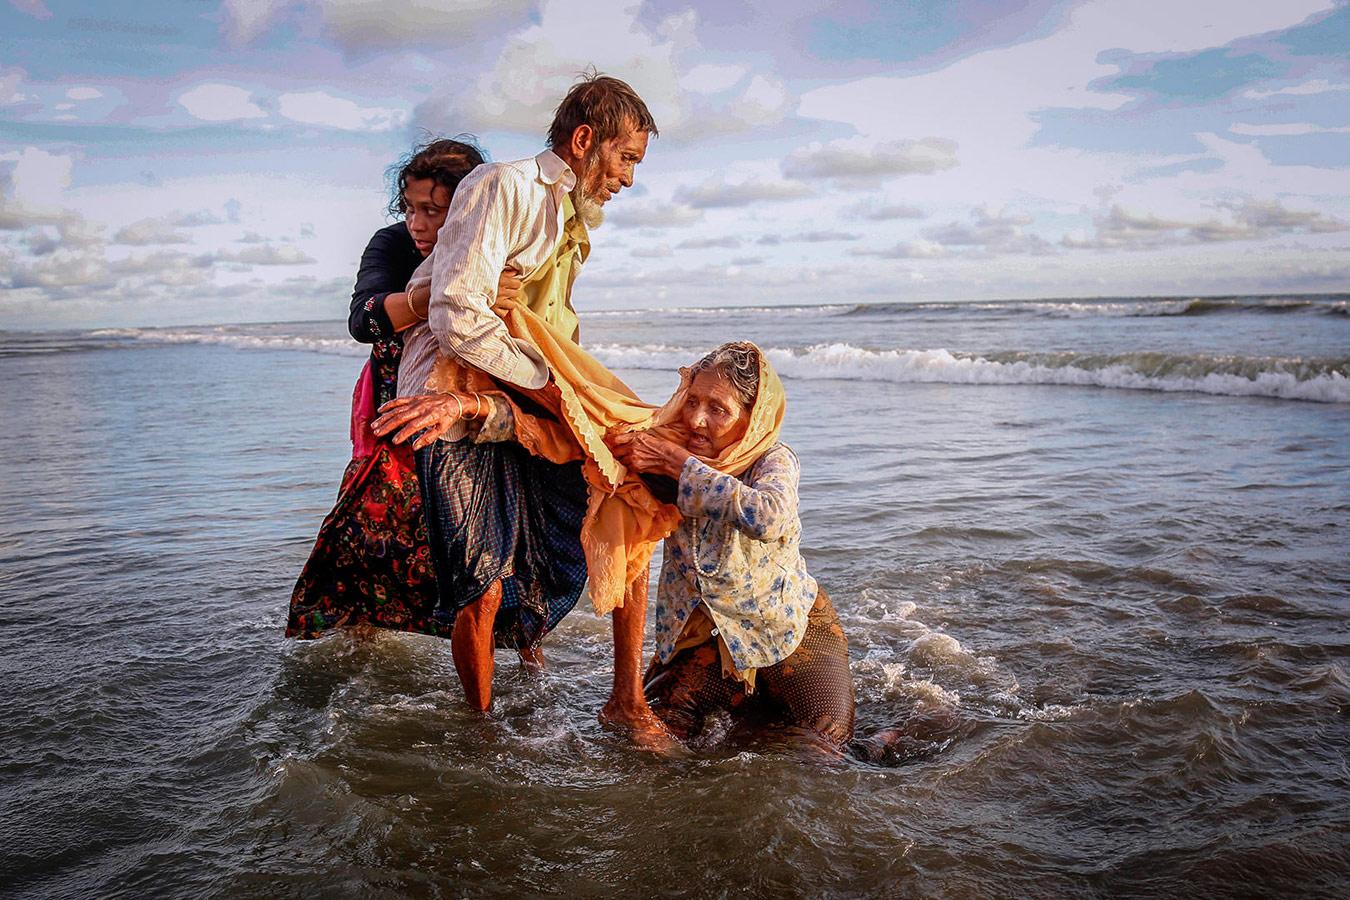 Потерянные права: люди Рохинья, © Ахлас Уддин, Победитель категории «Люди», Фотоконкурс CEPIC Stock Photography Awards